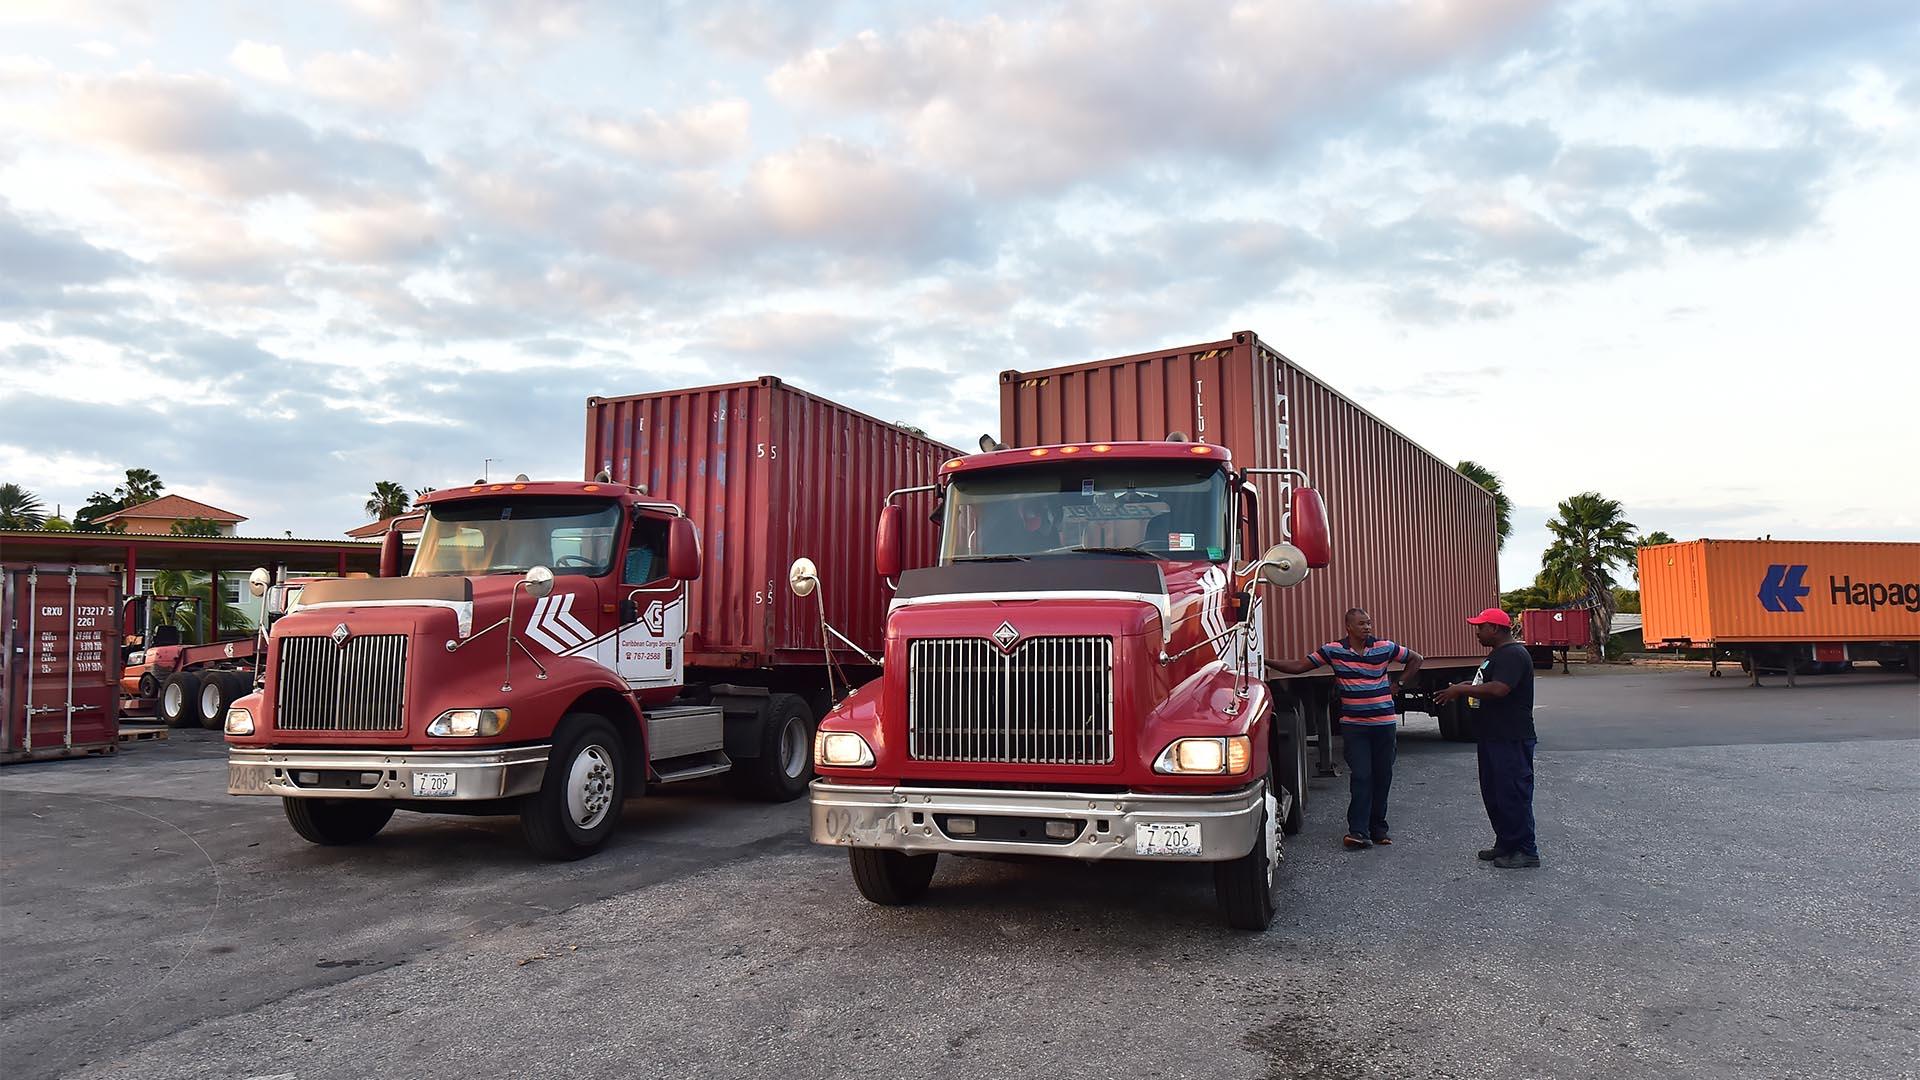 Vista de camiones que transportaban parte de la ayuda humanitaria a Venezuela, varados en el puerto de Willemstad, Curazao, Antillas Holandesas (AFP)